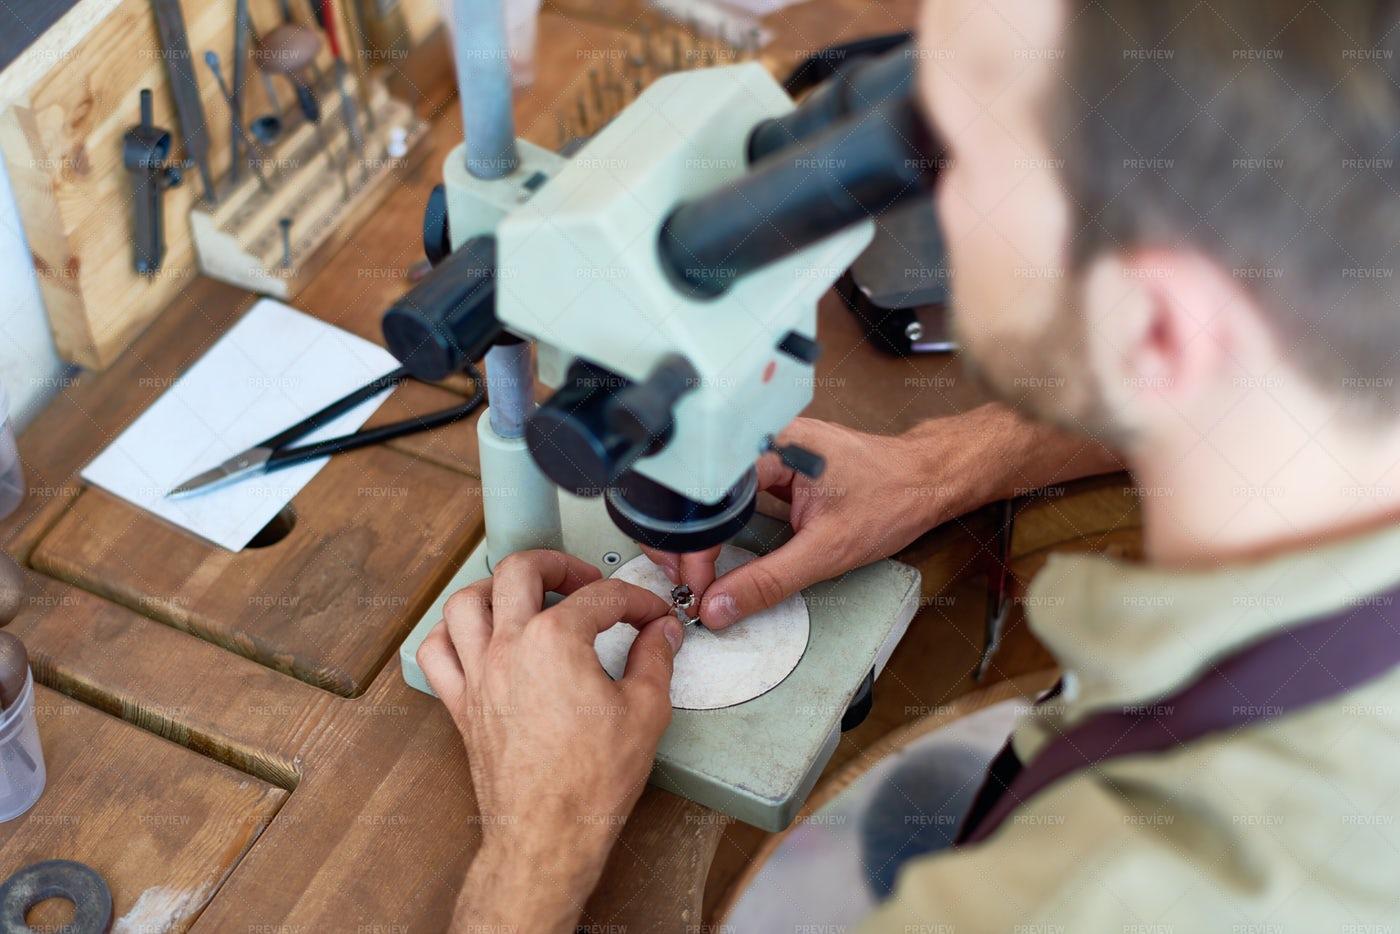 Jeweler Inspecting Precious Stone: Stock Photos